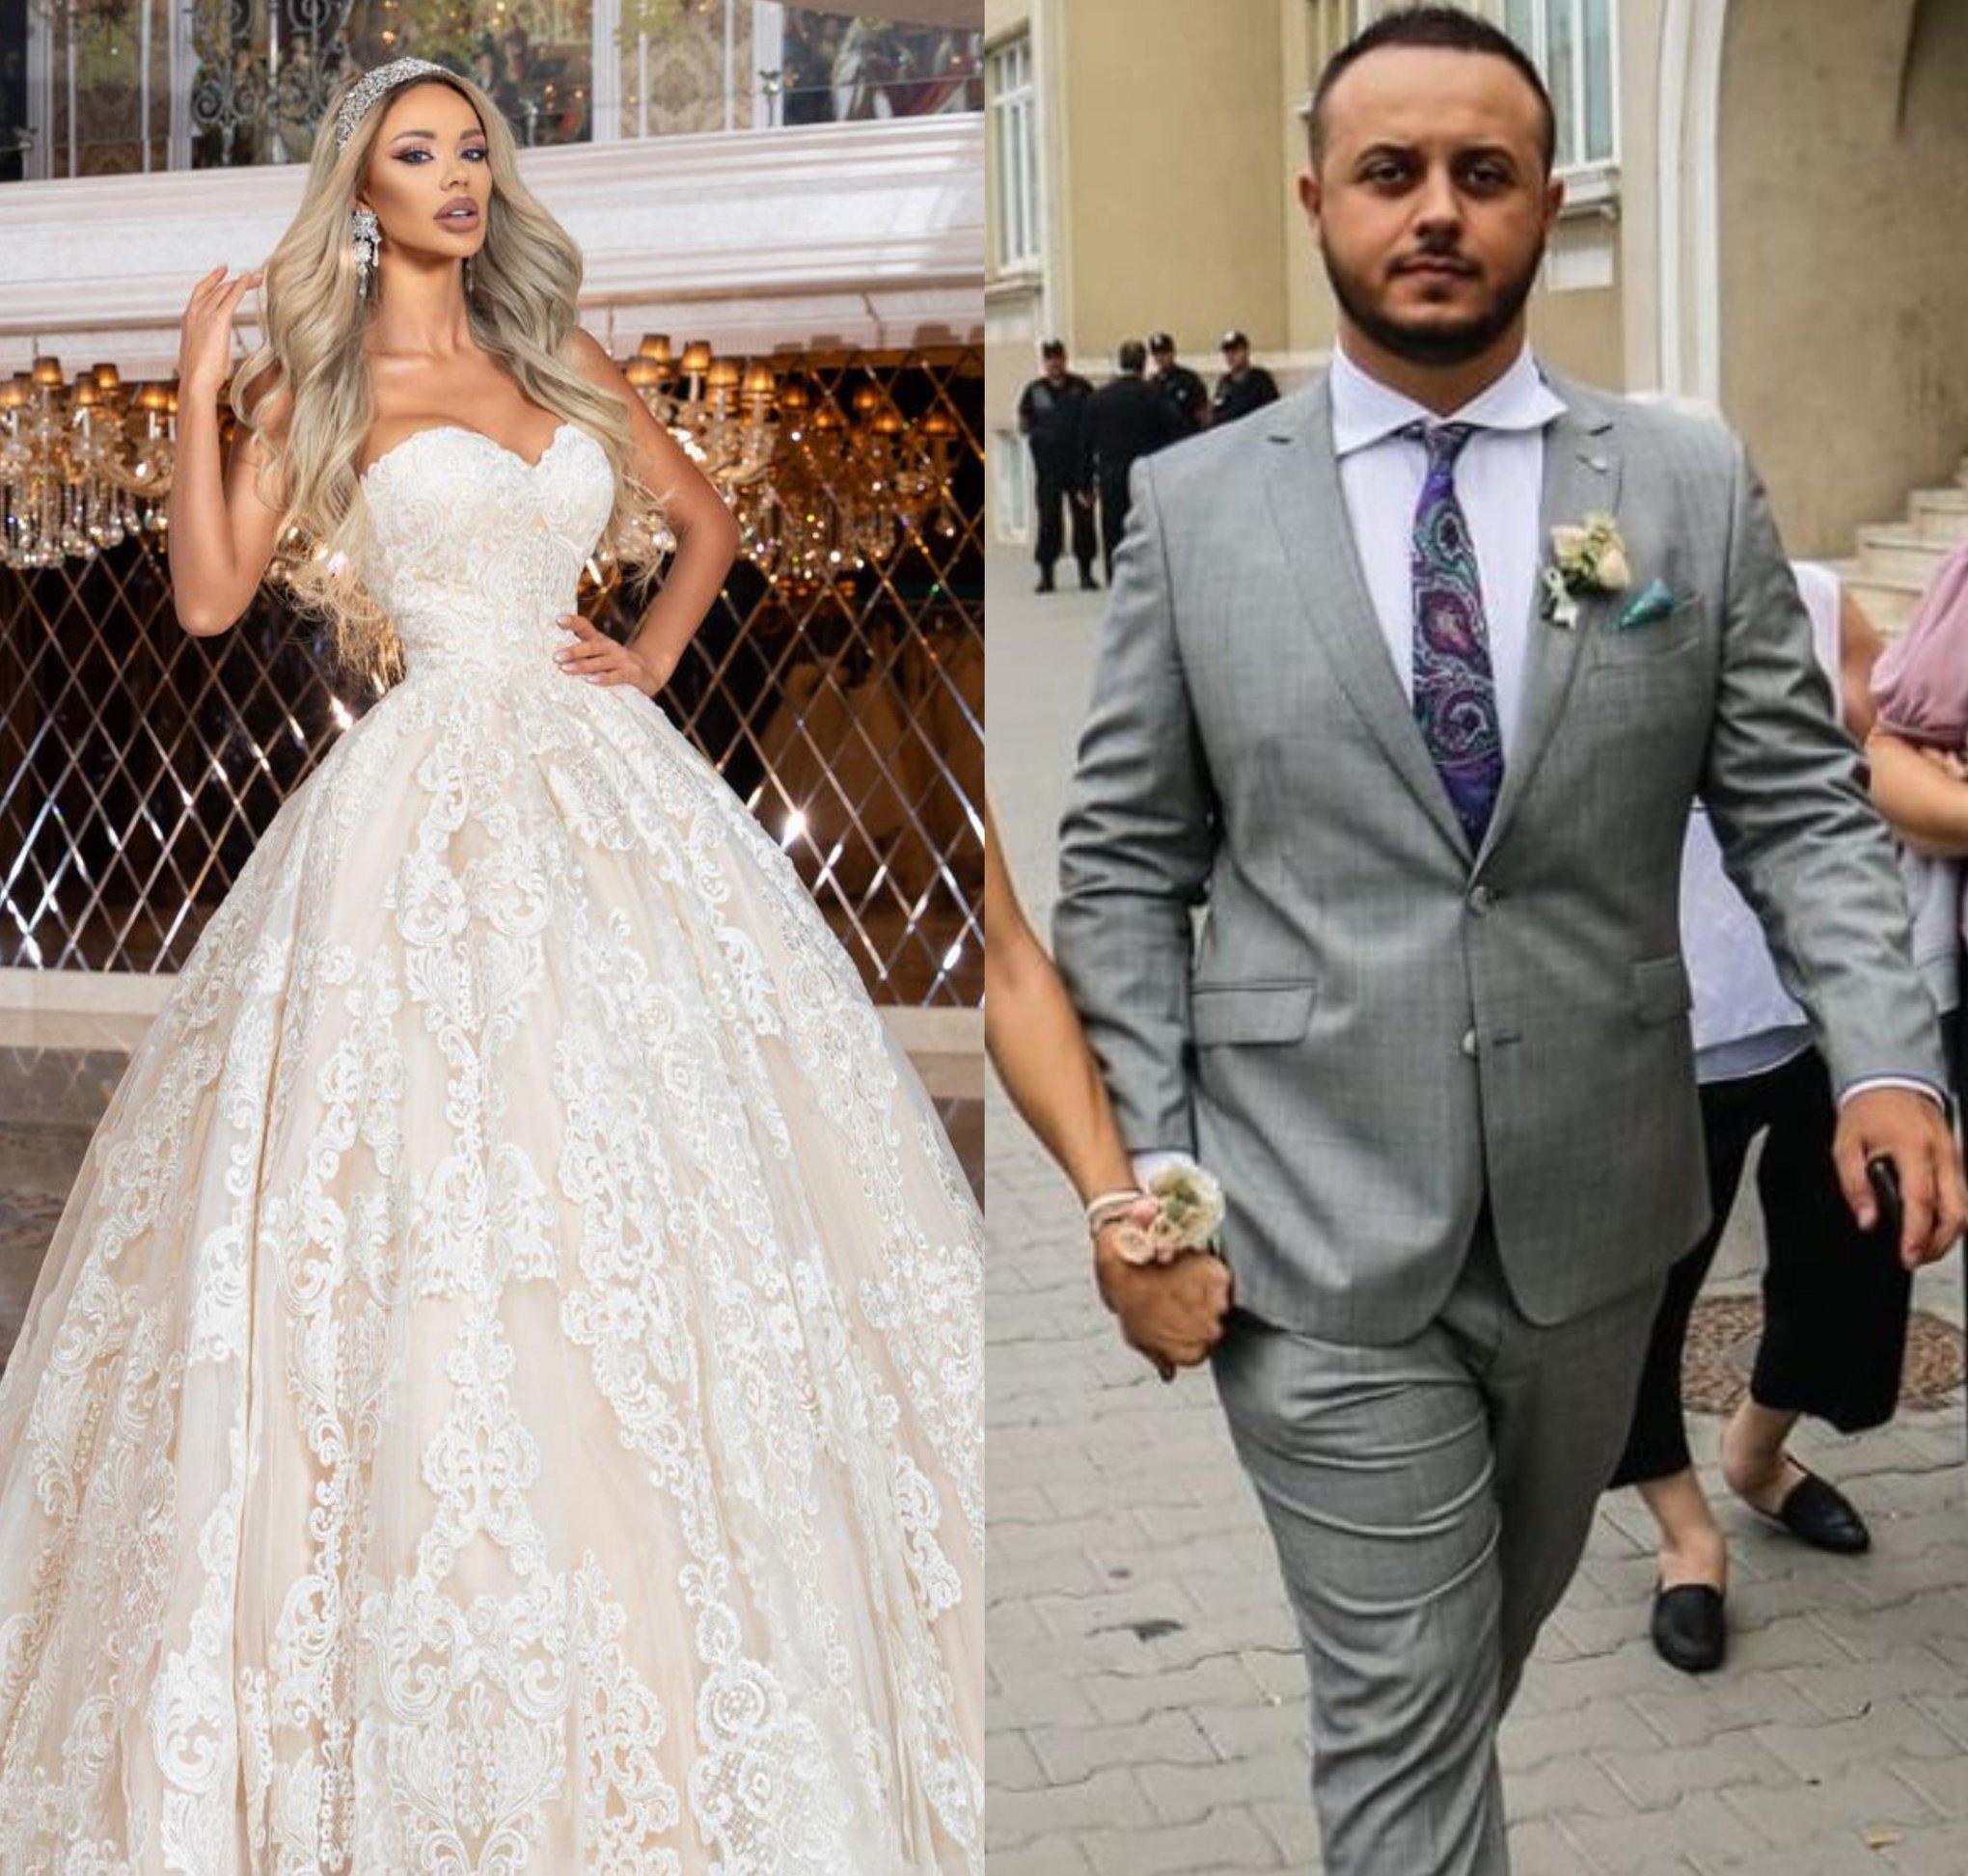 Bianca Drăgușanu chiar se mărită cu Gabi Bădălău!Inelul de logodnă costă cât un apartament și au semnat un contract prenupțial! Ce condiții i-a pus tatăl lui Gabi Bădălău Biancăi Drăgușanu: